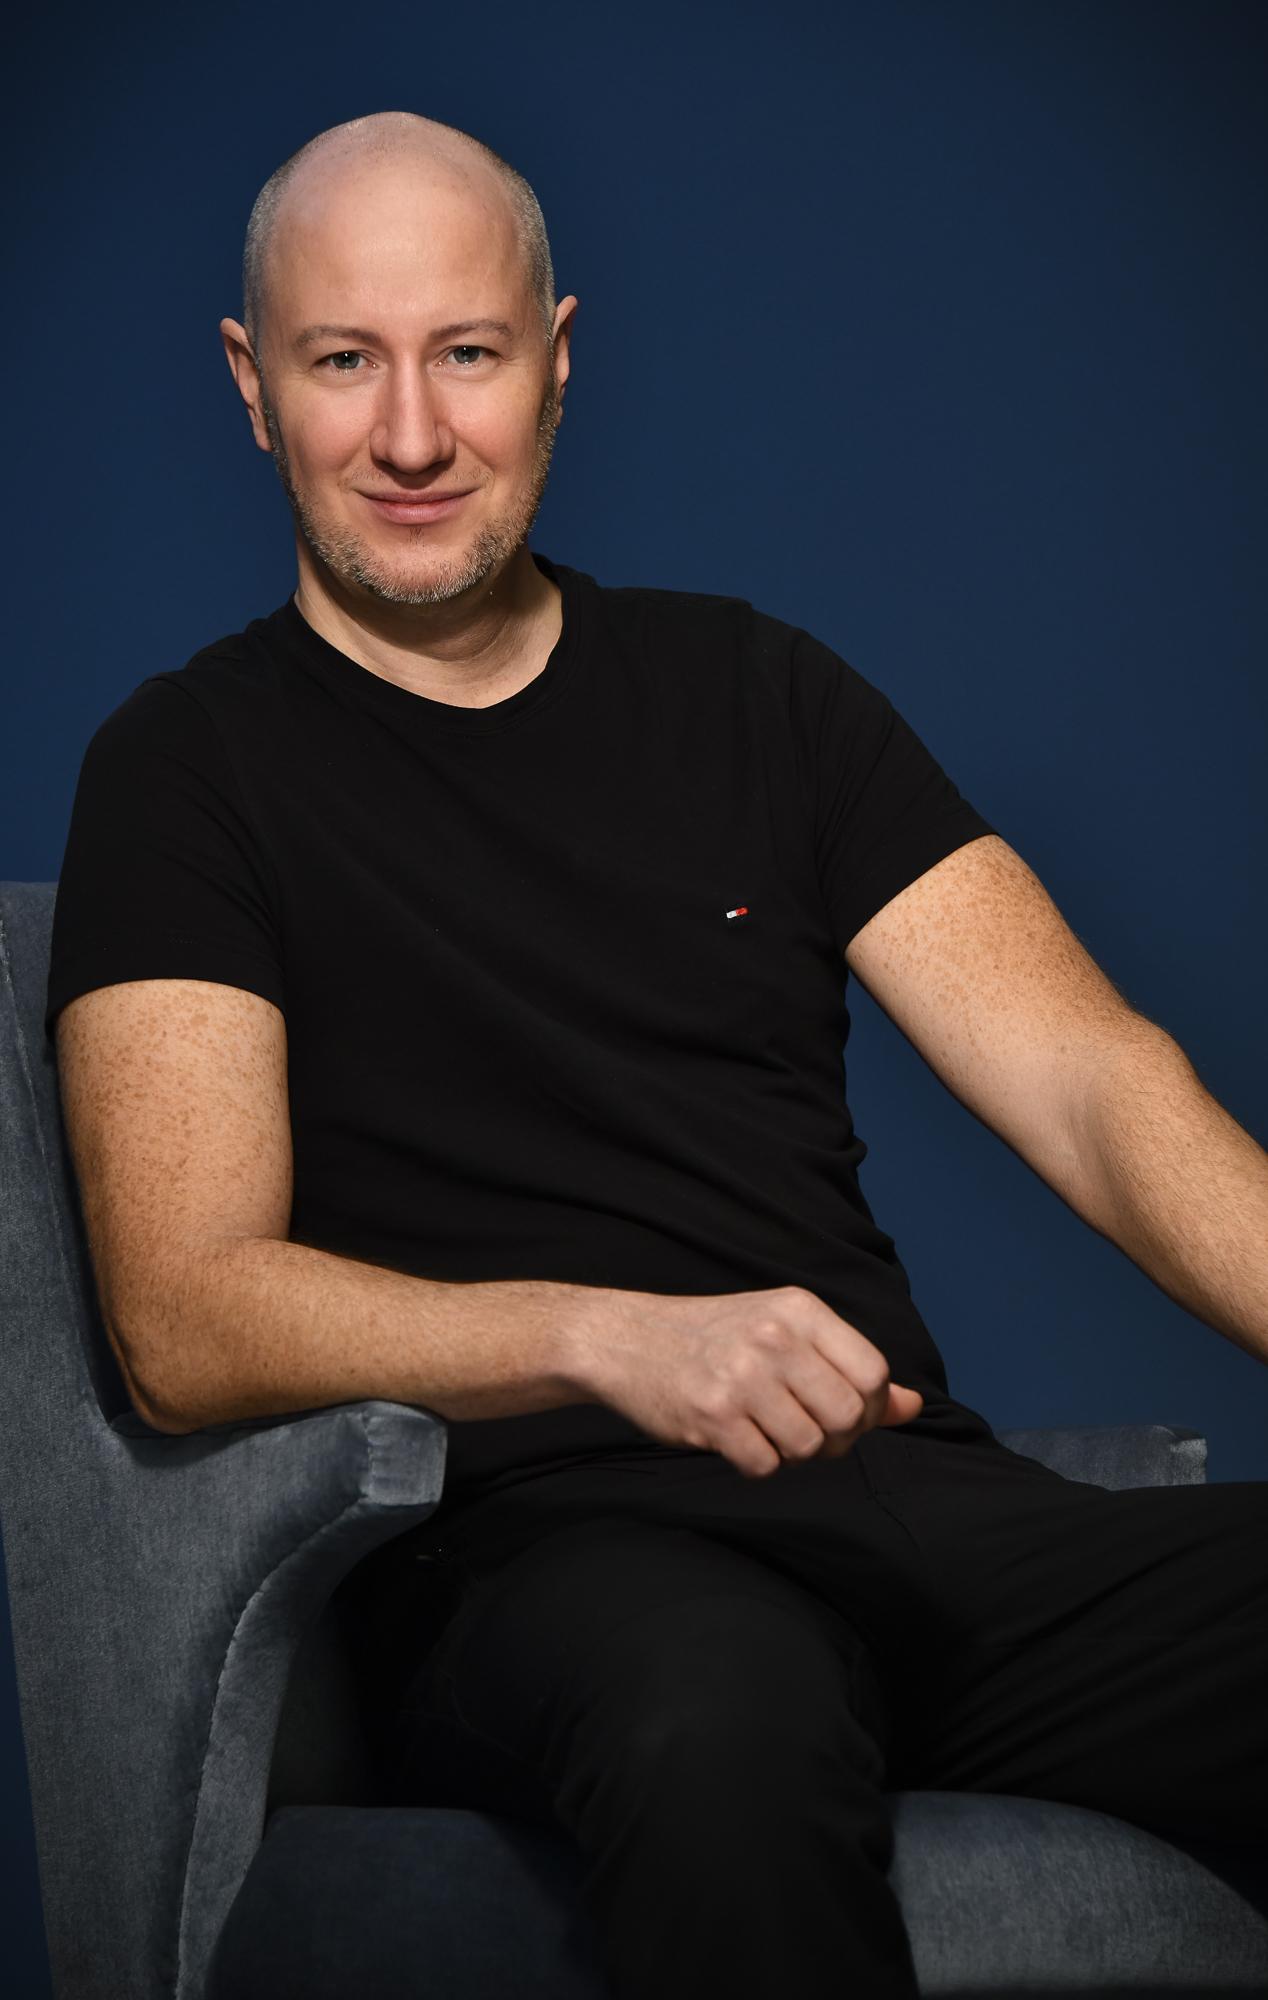 Ondřej Koplík